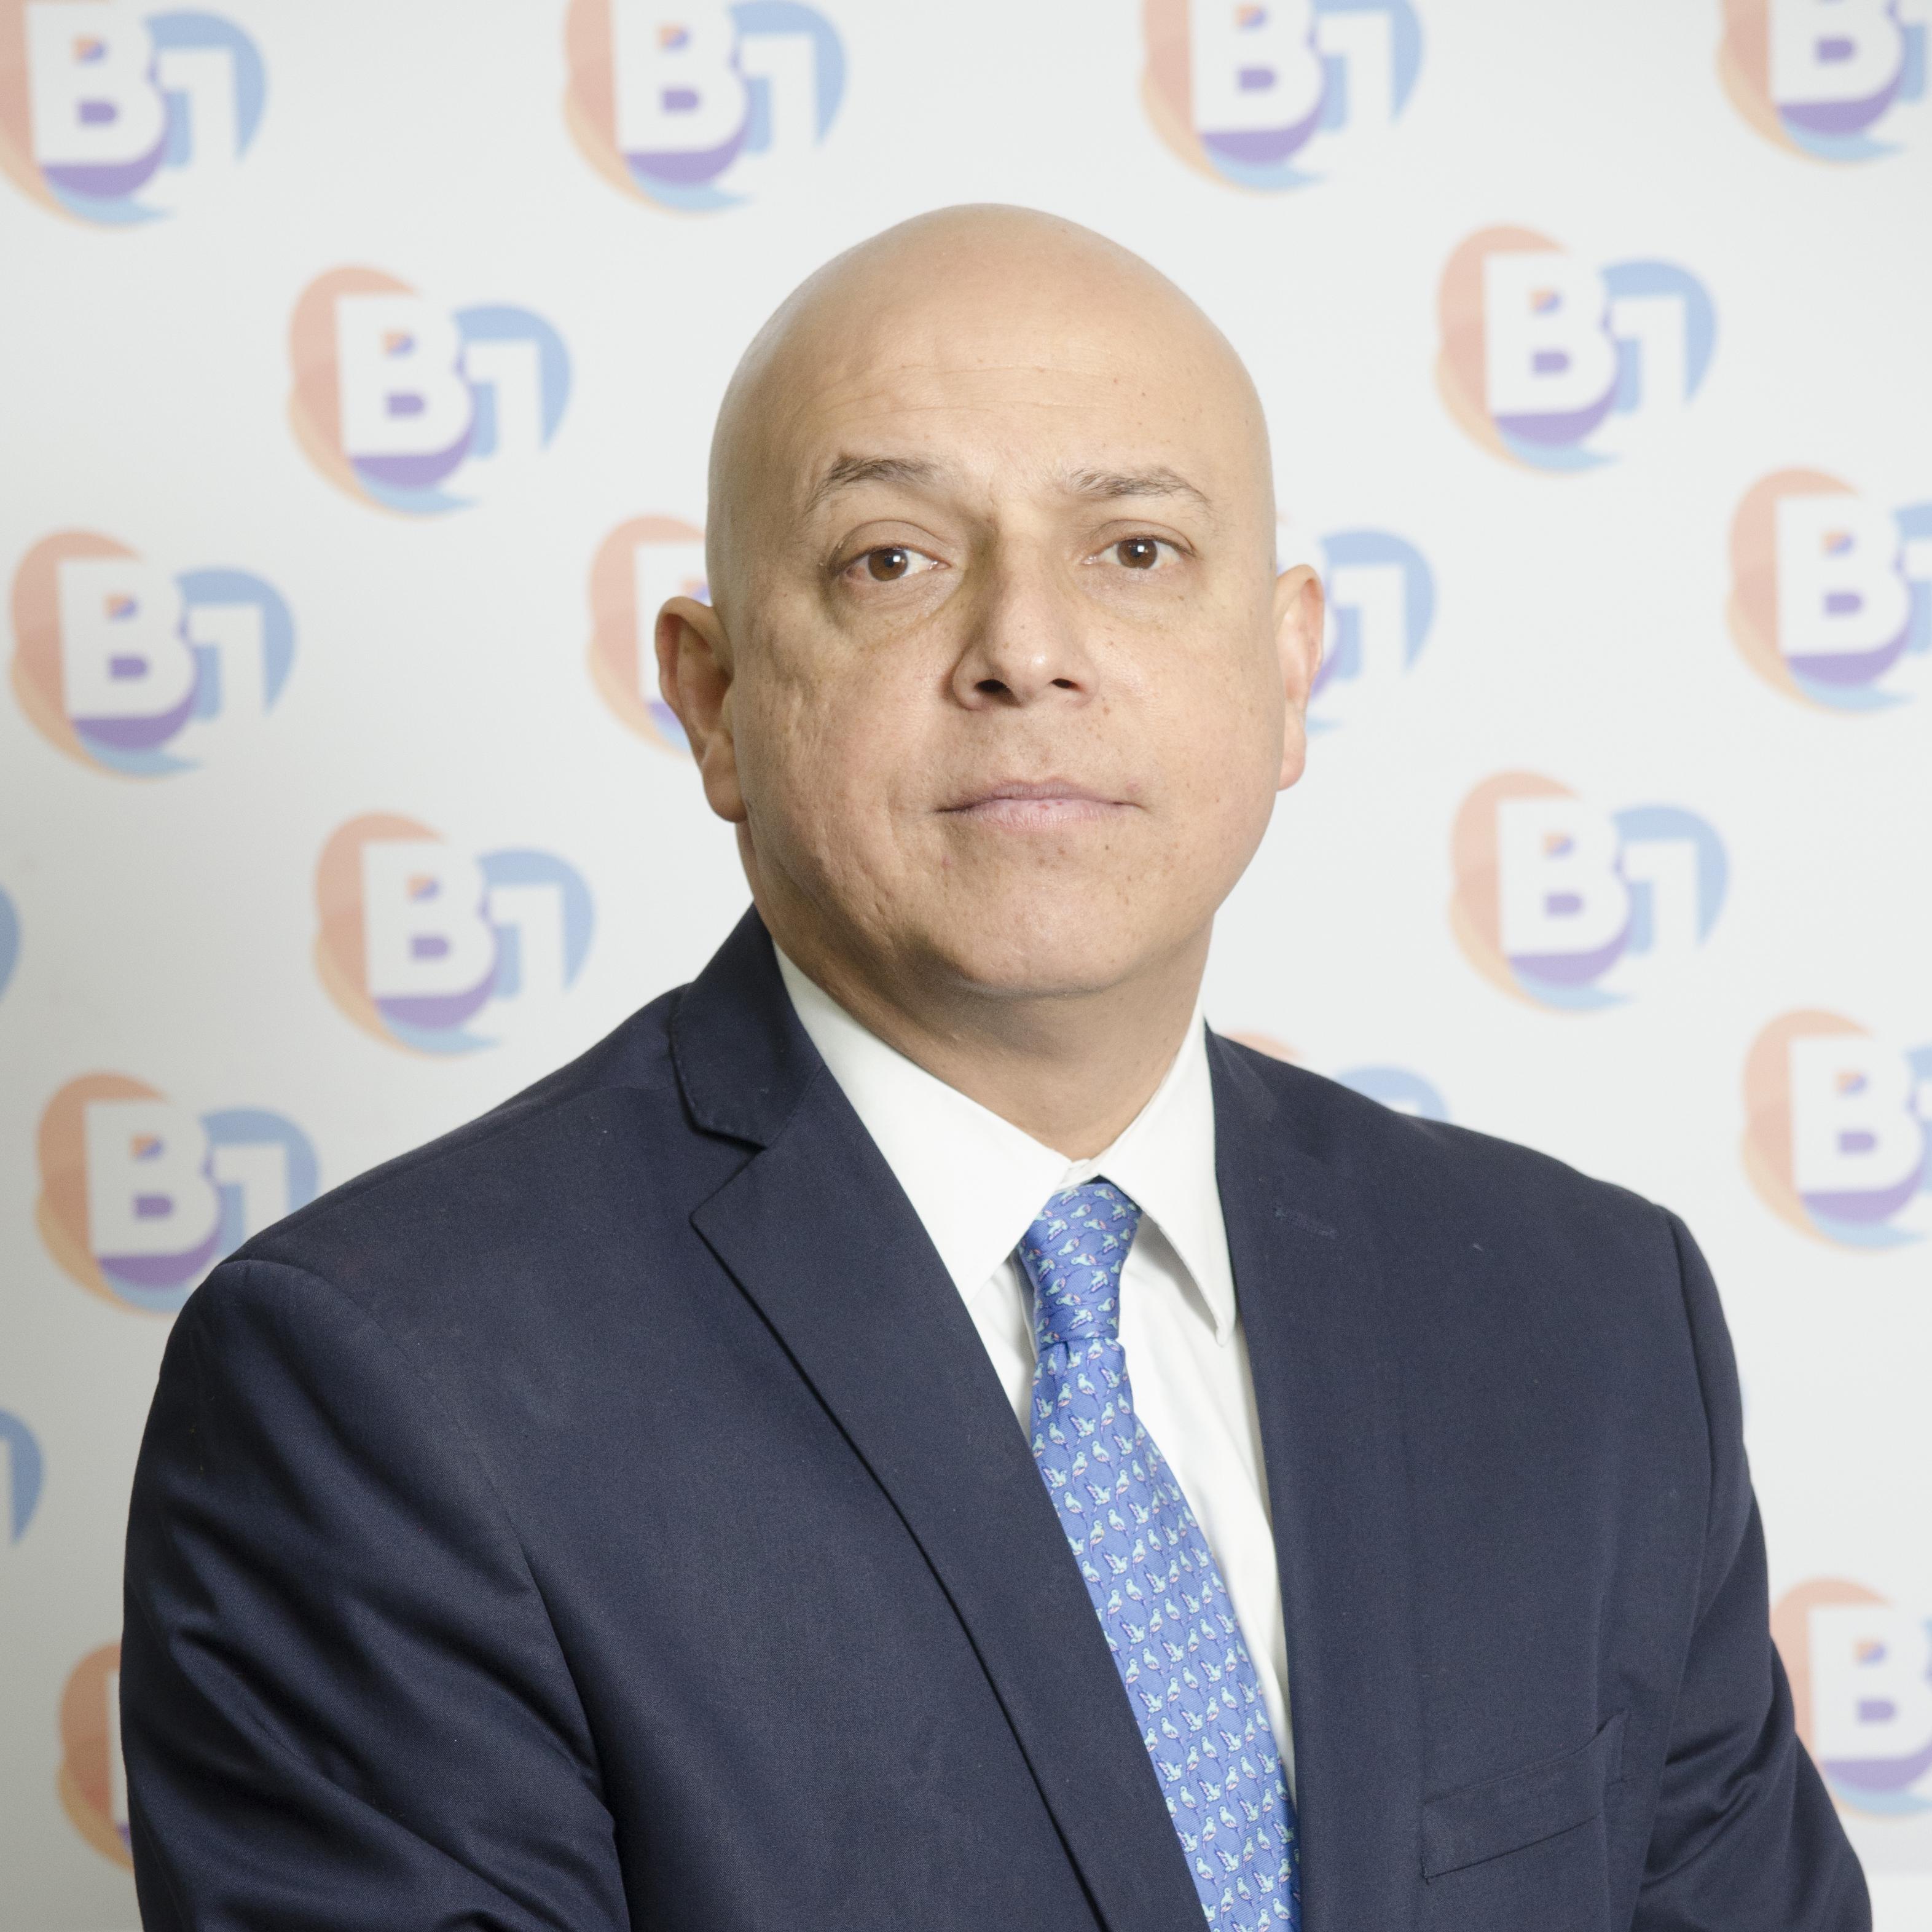 Armando Ramirez Solórzano